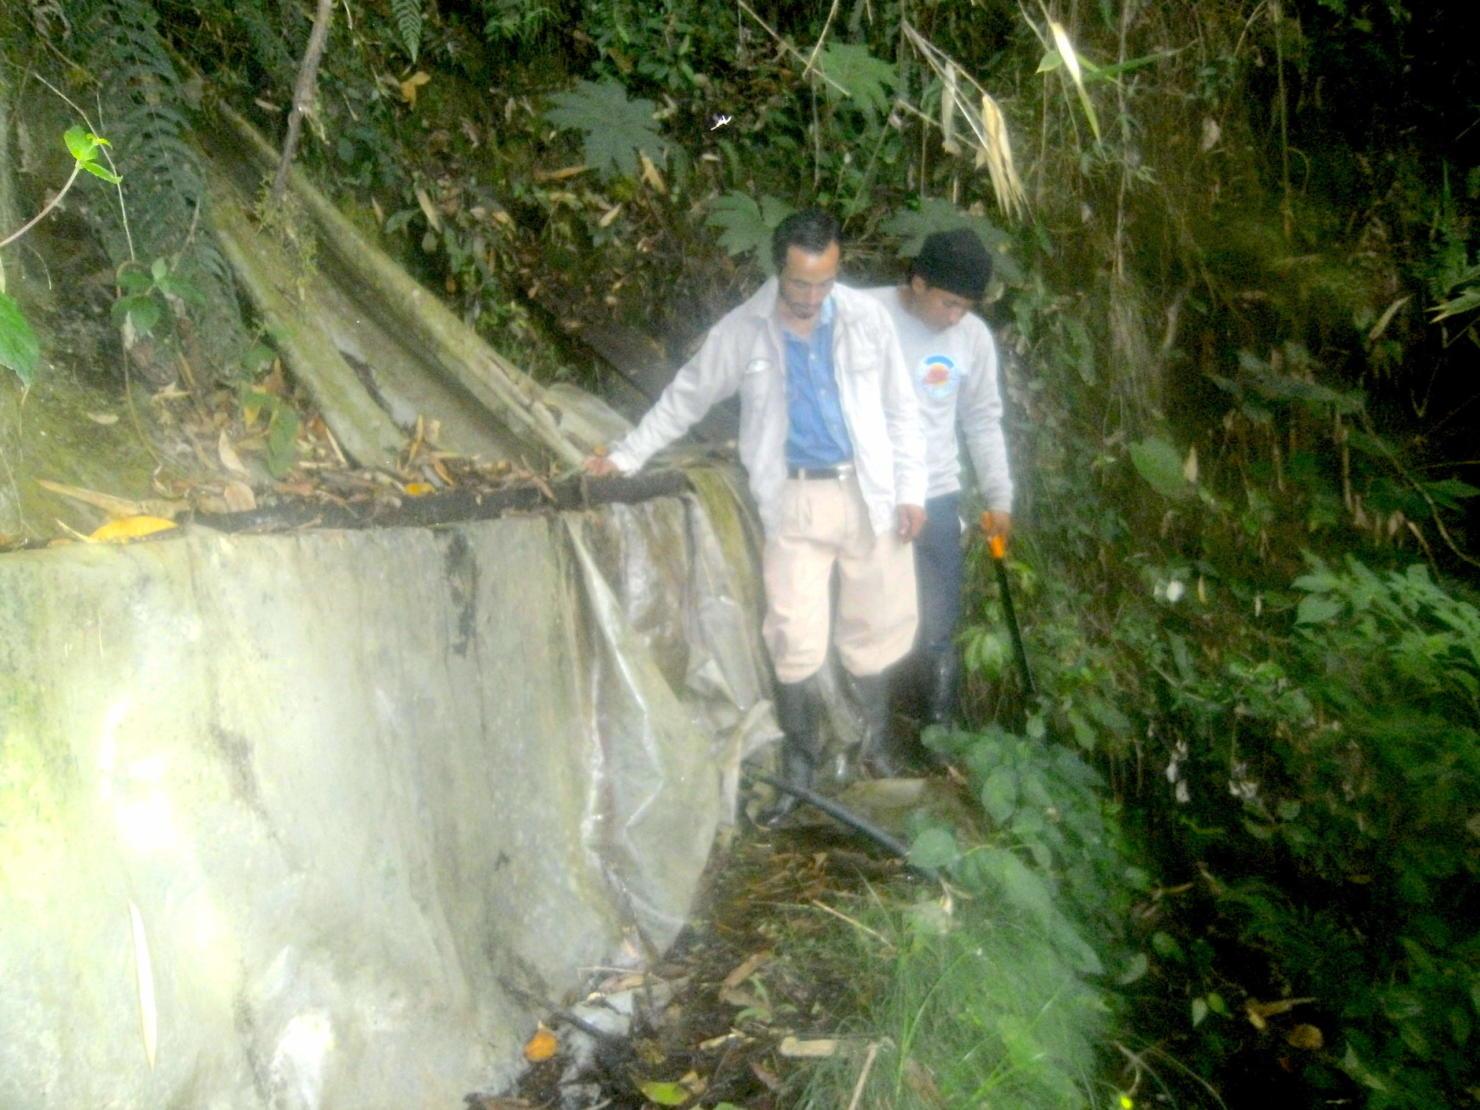 Preparazione del sottobosco per le condotte d'acqua (3)